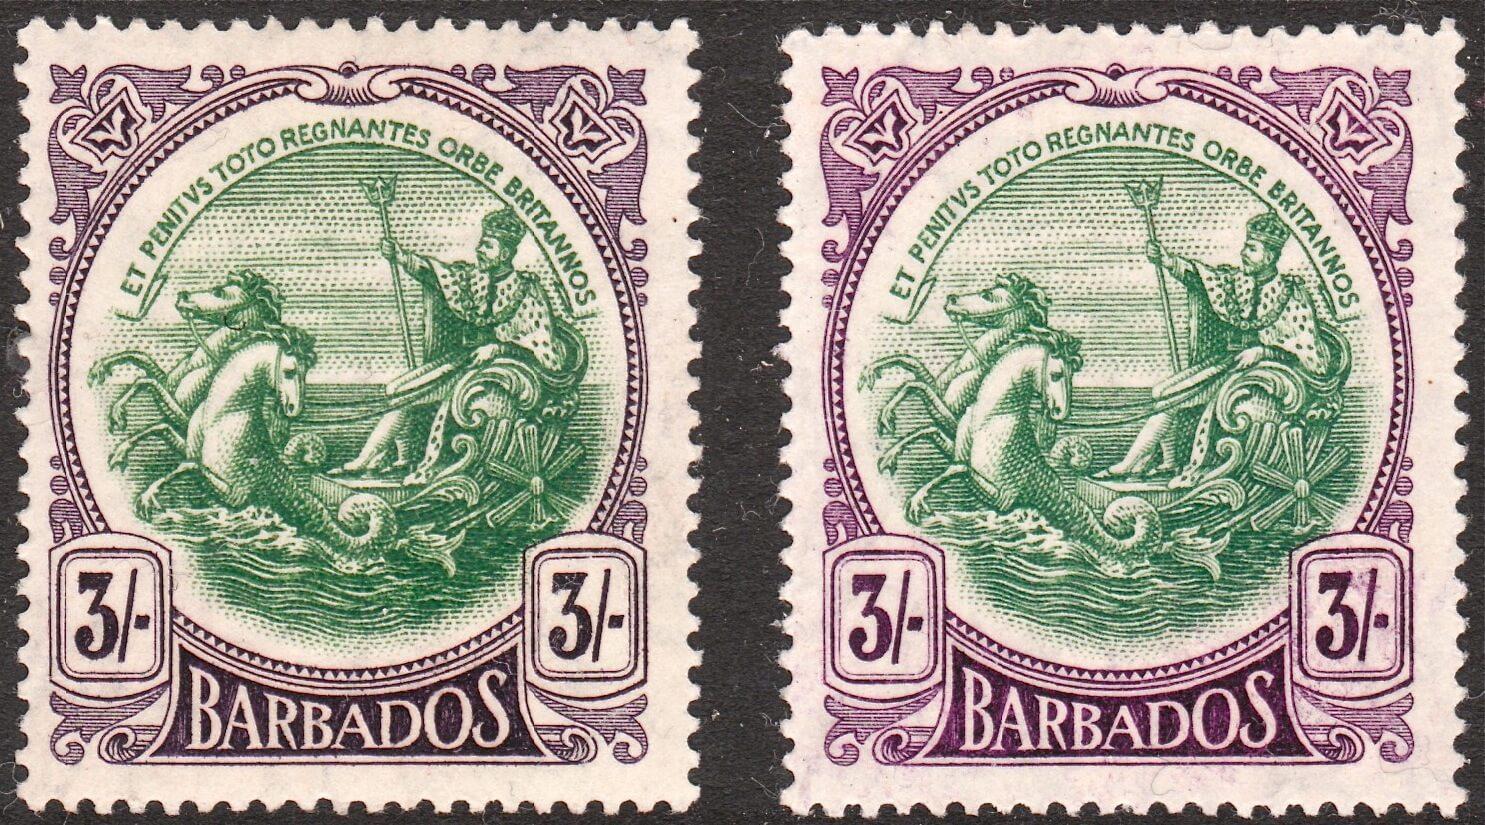 Barbados SG200 and SG200a